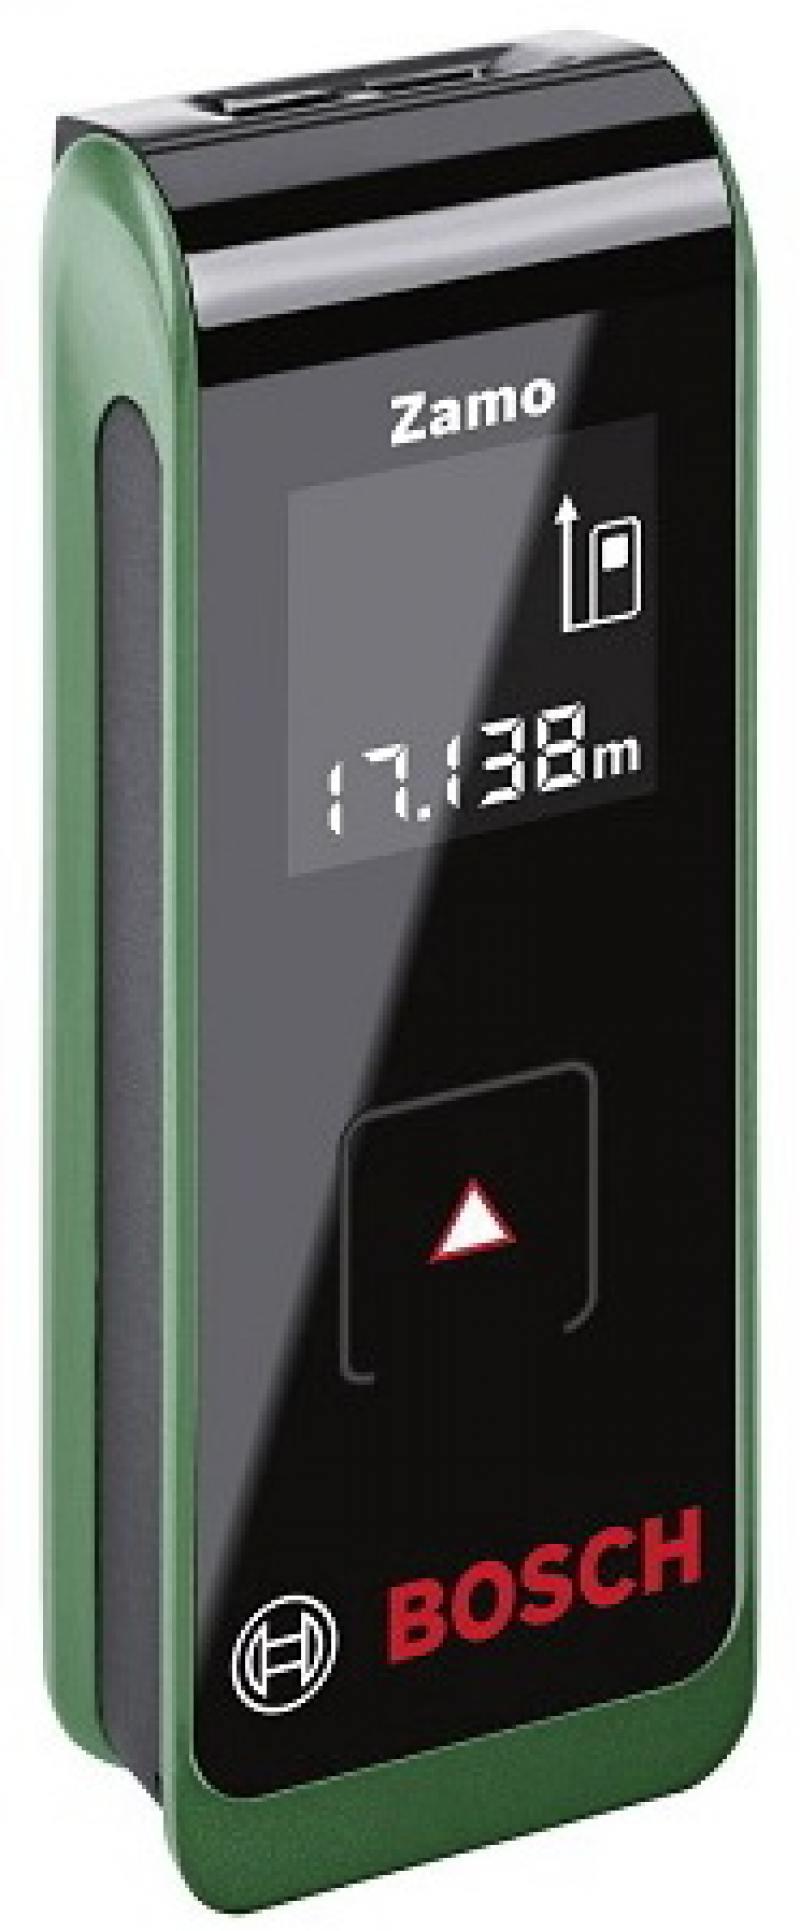 Лазерный дальномер Bosch PLR 20 Zamo II лазерный дальномер bosch plr 50 c [0603672220]